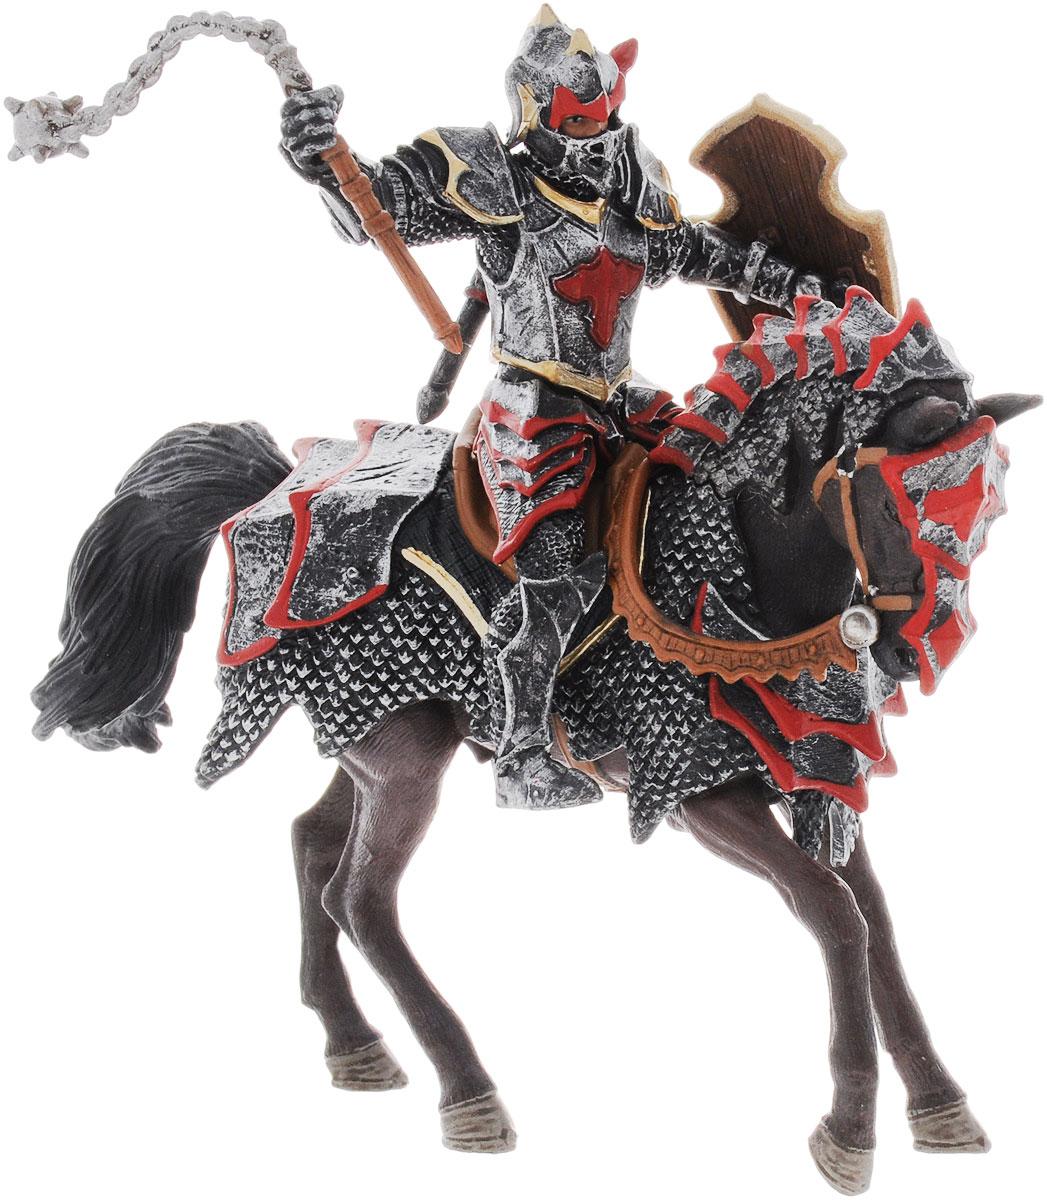 Schleich Фигурка Рыцарь Ордена Дракона на коне70101Фигурка Schleich Рыцарь Орден Дракона на коне станет прекрасным подарком для вашего ребенка. Она выполнена из каучукового пластика. Детали фигурки четкие и максимально детализированы, что привлечет внимание ребенка, который с огромным удовольствием будет играть с ней в ролевые игры. Фигурка разъемная и ваш ребенок может играть отдельно как с рыцарем, так и с лошадью. Всадник надежно крепится к лошади с помощью магнитов, встроенных в фигурки. Цеп подвижен в руке. Такая фигурка непременно понравится вашему ребенку и станет замечательным украшением любой коллекции. Рыцарь Утренняя звезда - грозное оружие Ордена Дракона. Всадник вооружен мощной цепом и щитом, на нем прочные доспехи. Рыцарь и его боевой конь не проиграли ни одну битву! Рыцарь Утренняя звезда известен далеко за пределами своей страны, его боевые заслуги признают даже самые заклятые враги.